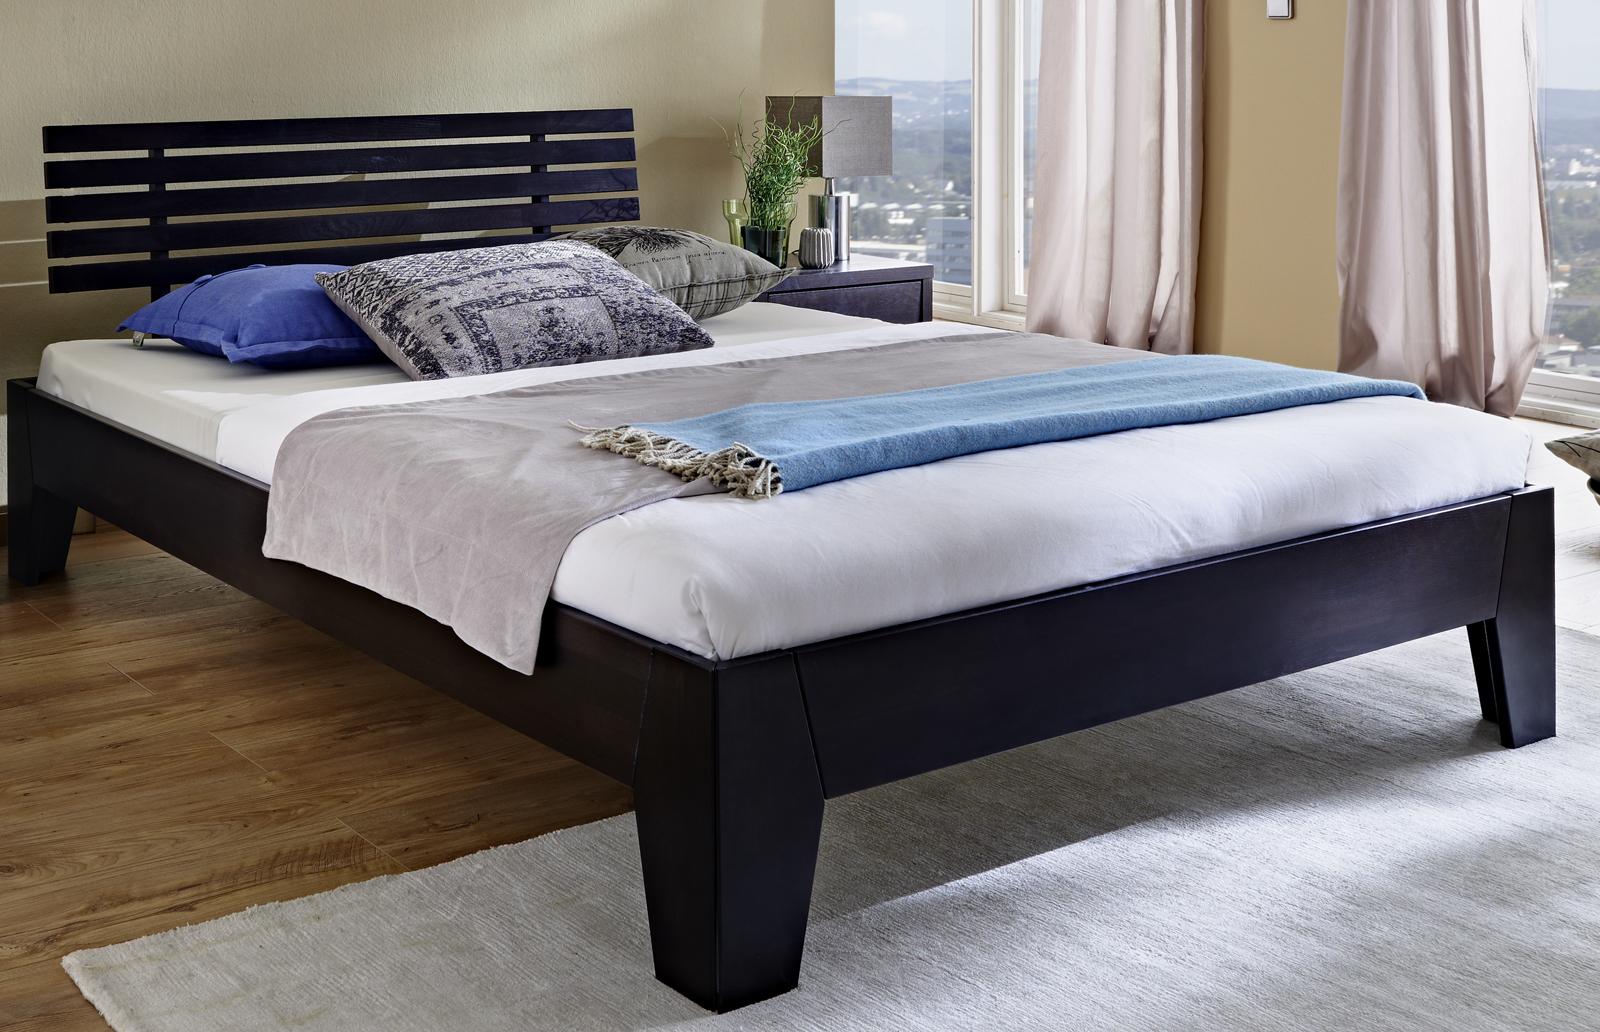 sam massivholzbett g nstig 180 x 200 cm buche massiv wenge bigoli. Black Bedroom Furniture Sets. Home Design Ideas